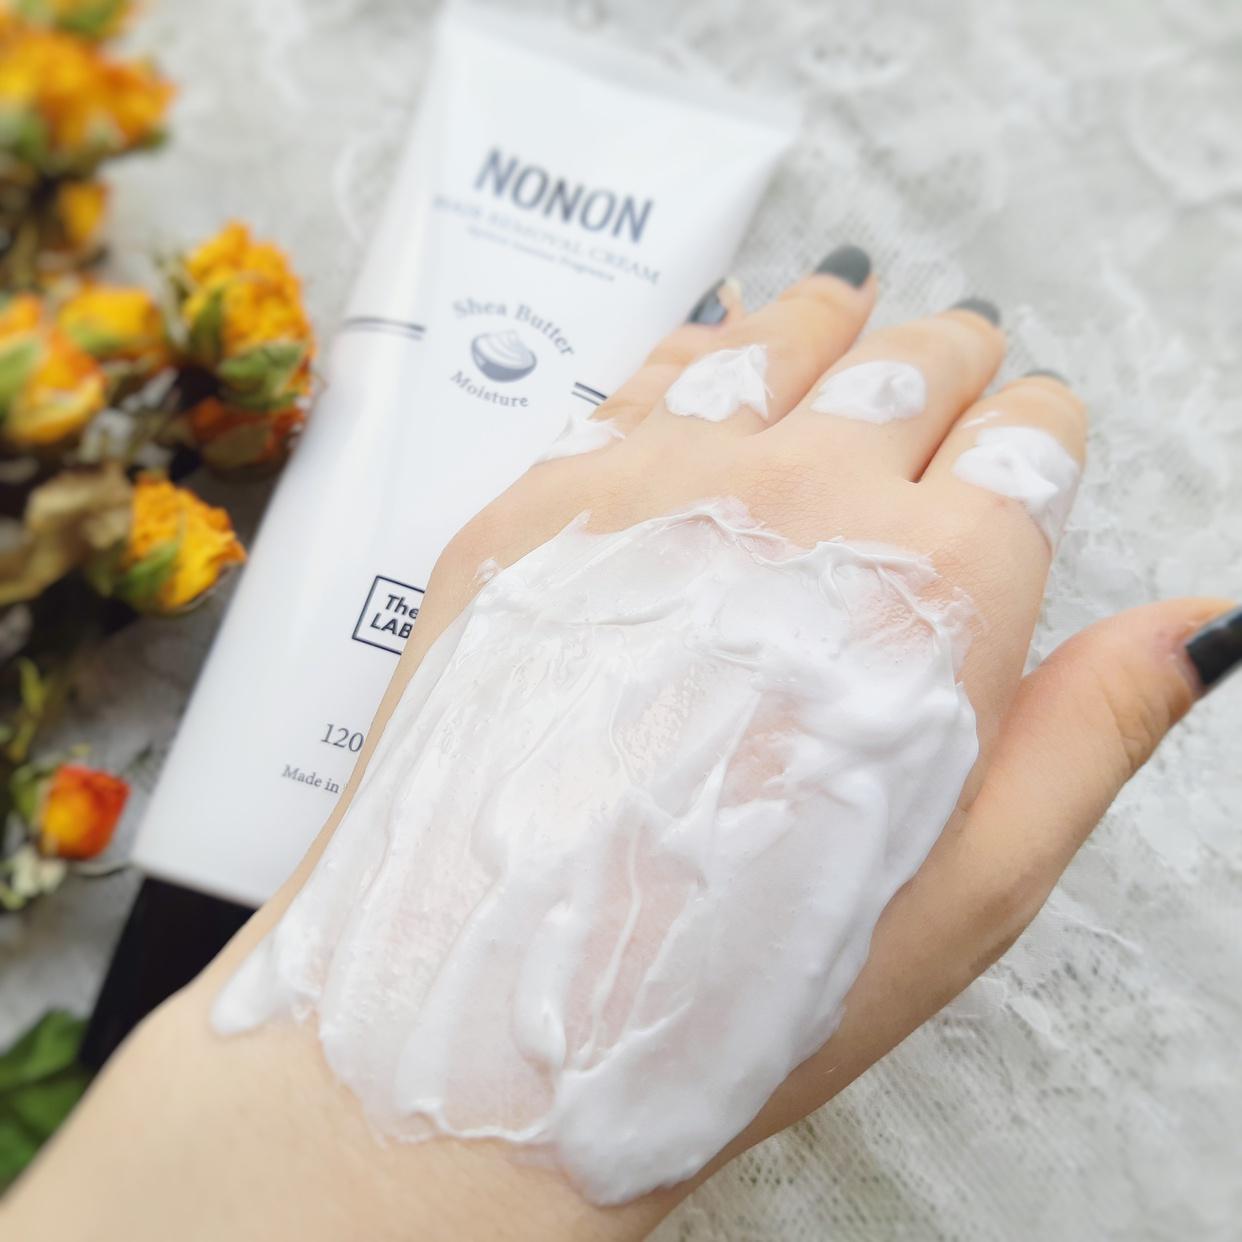 NONON(ノンノン) オールインワン除毛クリームを使った銀麦さんのクチコミ画像3